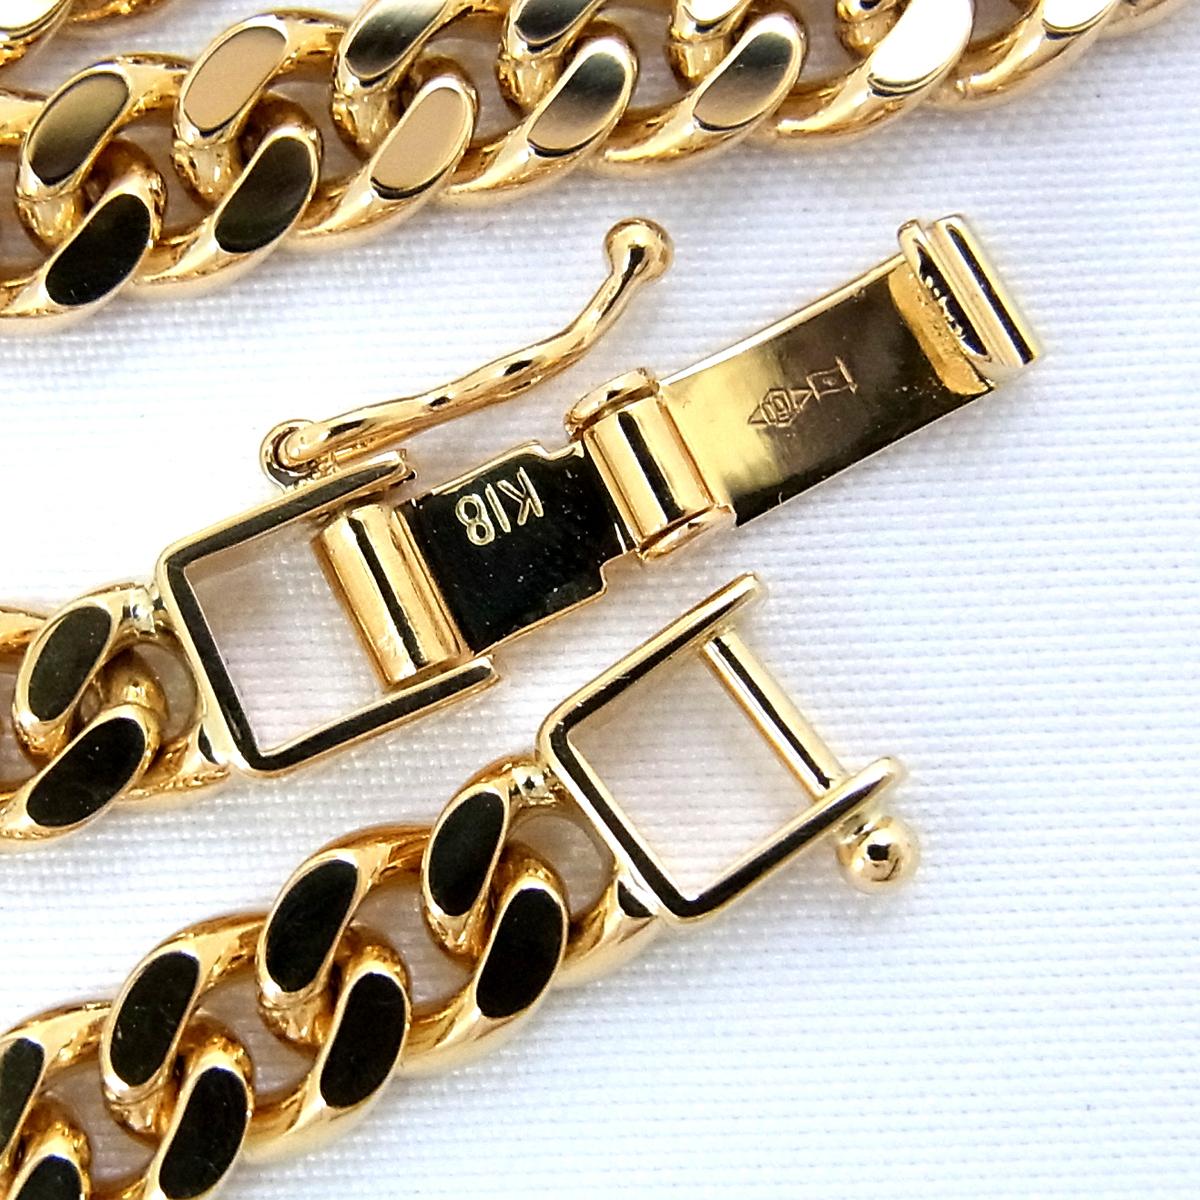 展示品 K18 喜平 2面 シングル ブレスレット 20.2g 長さ:18cm 幅:5.3mm イエロー ゴールド 造幣局刻印 ∞_画像4